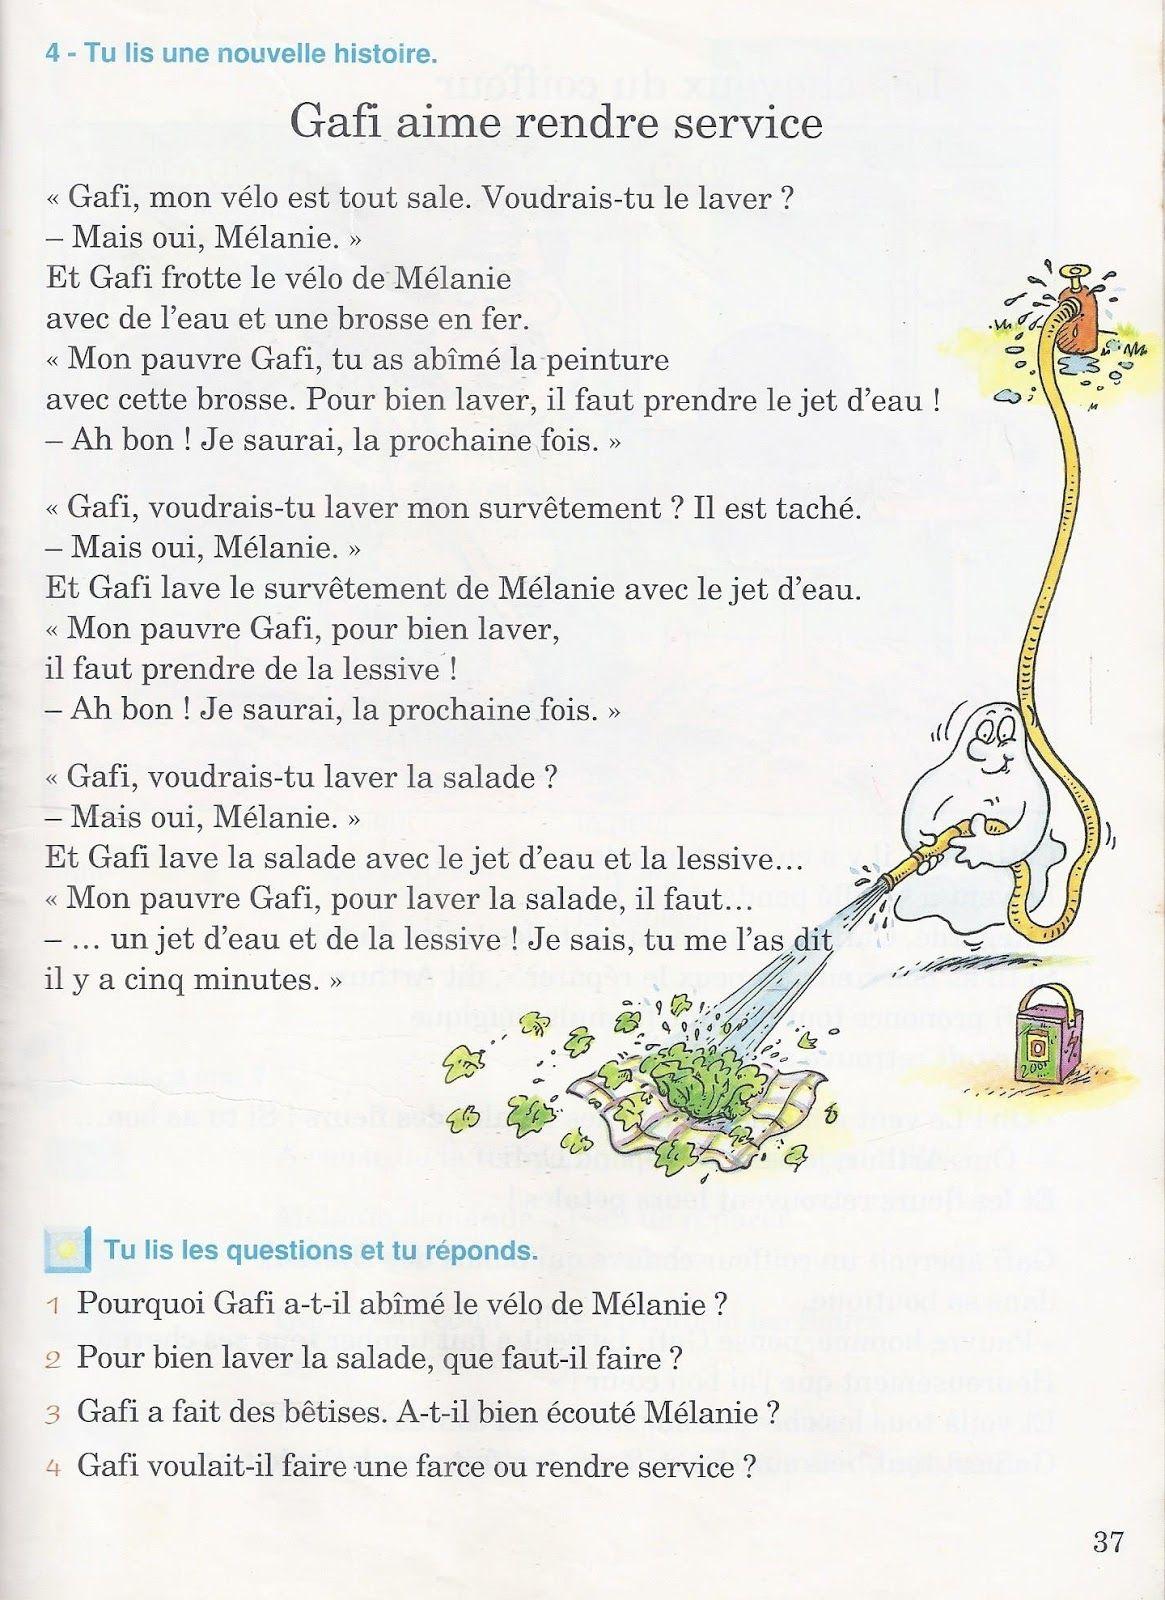 Bentolila Remond Rousseau Gafi Le Fantome Methode De Lecture Livret 2 1992 Grandes Images Methode De Lecture Lecture Livre De Lecture